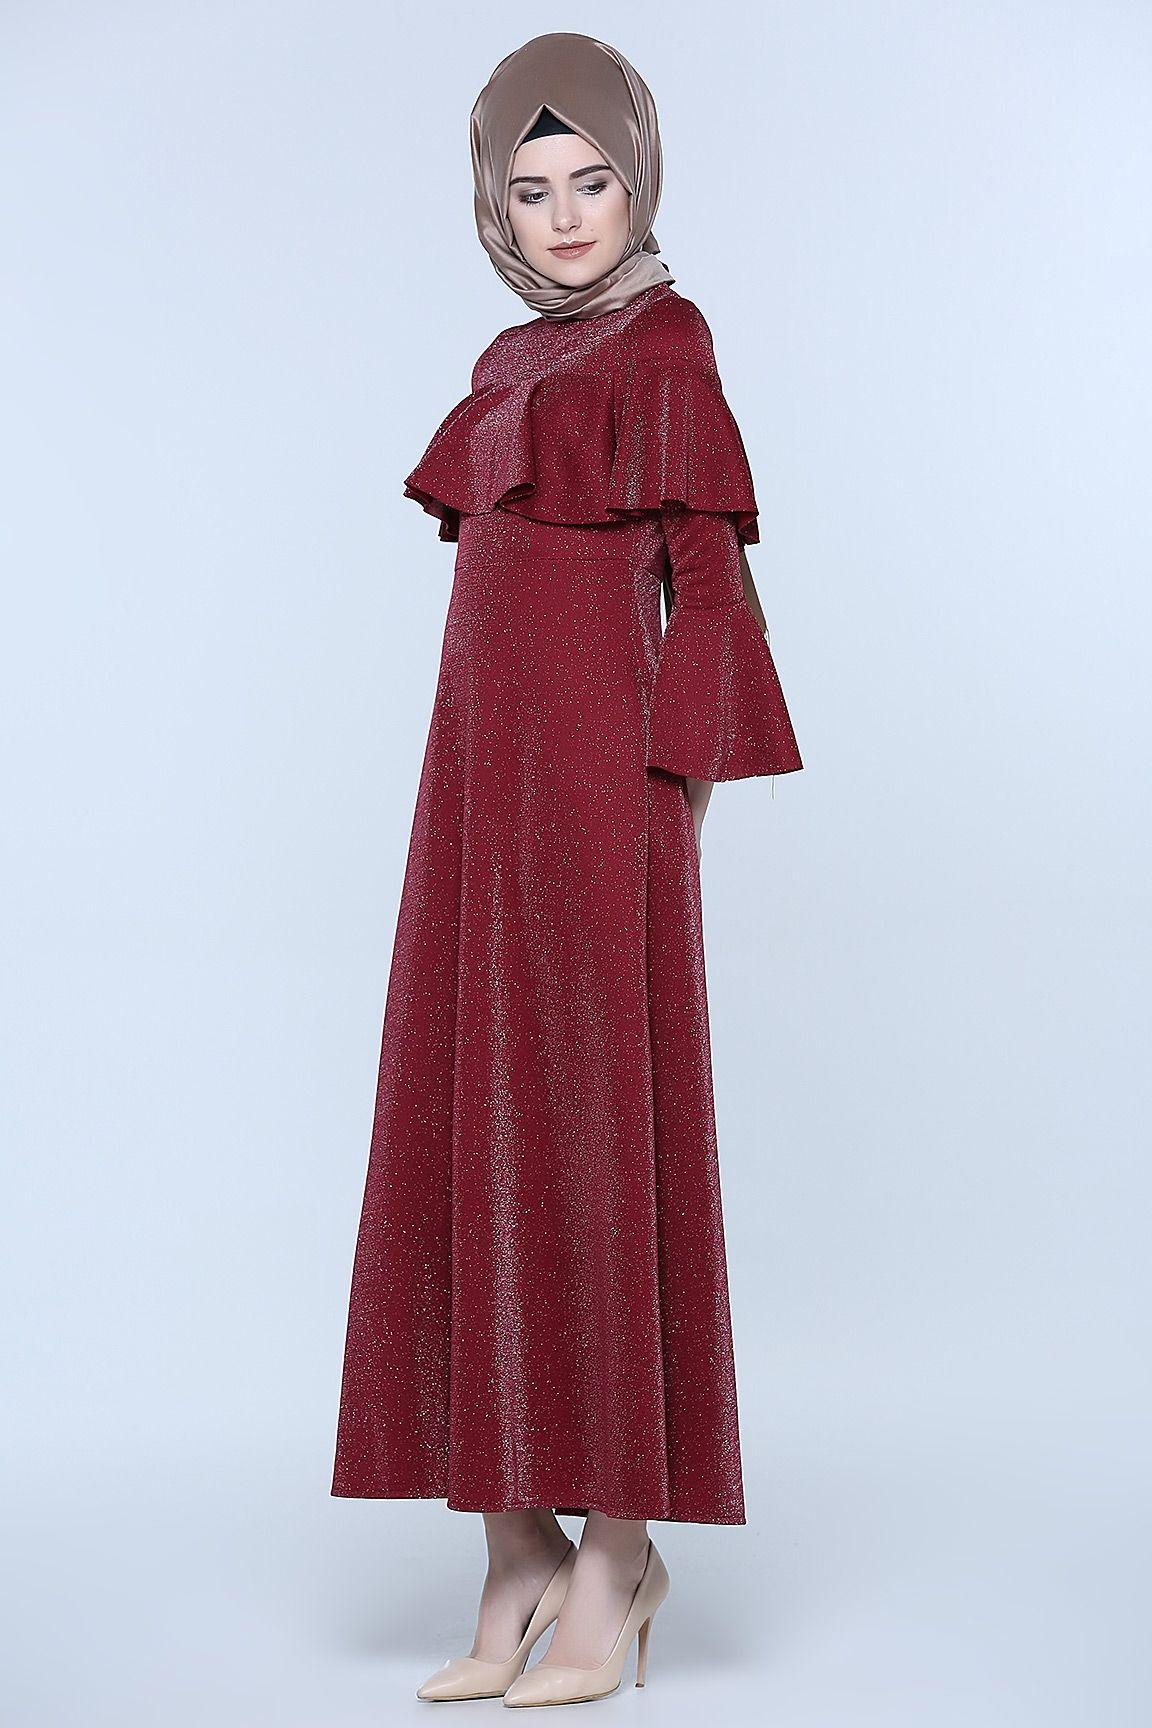 Https Www Tesetturelbisesi Com En Sik Tozlu Com Tesettur Abiye Elbise Modelleri Gunumuzde Muhafazakar Kadinlarin Tercih Et Fashion Pakistani Fashion Dresses